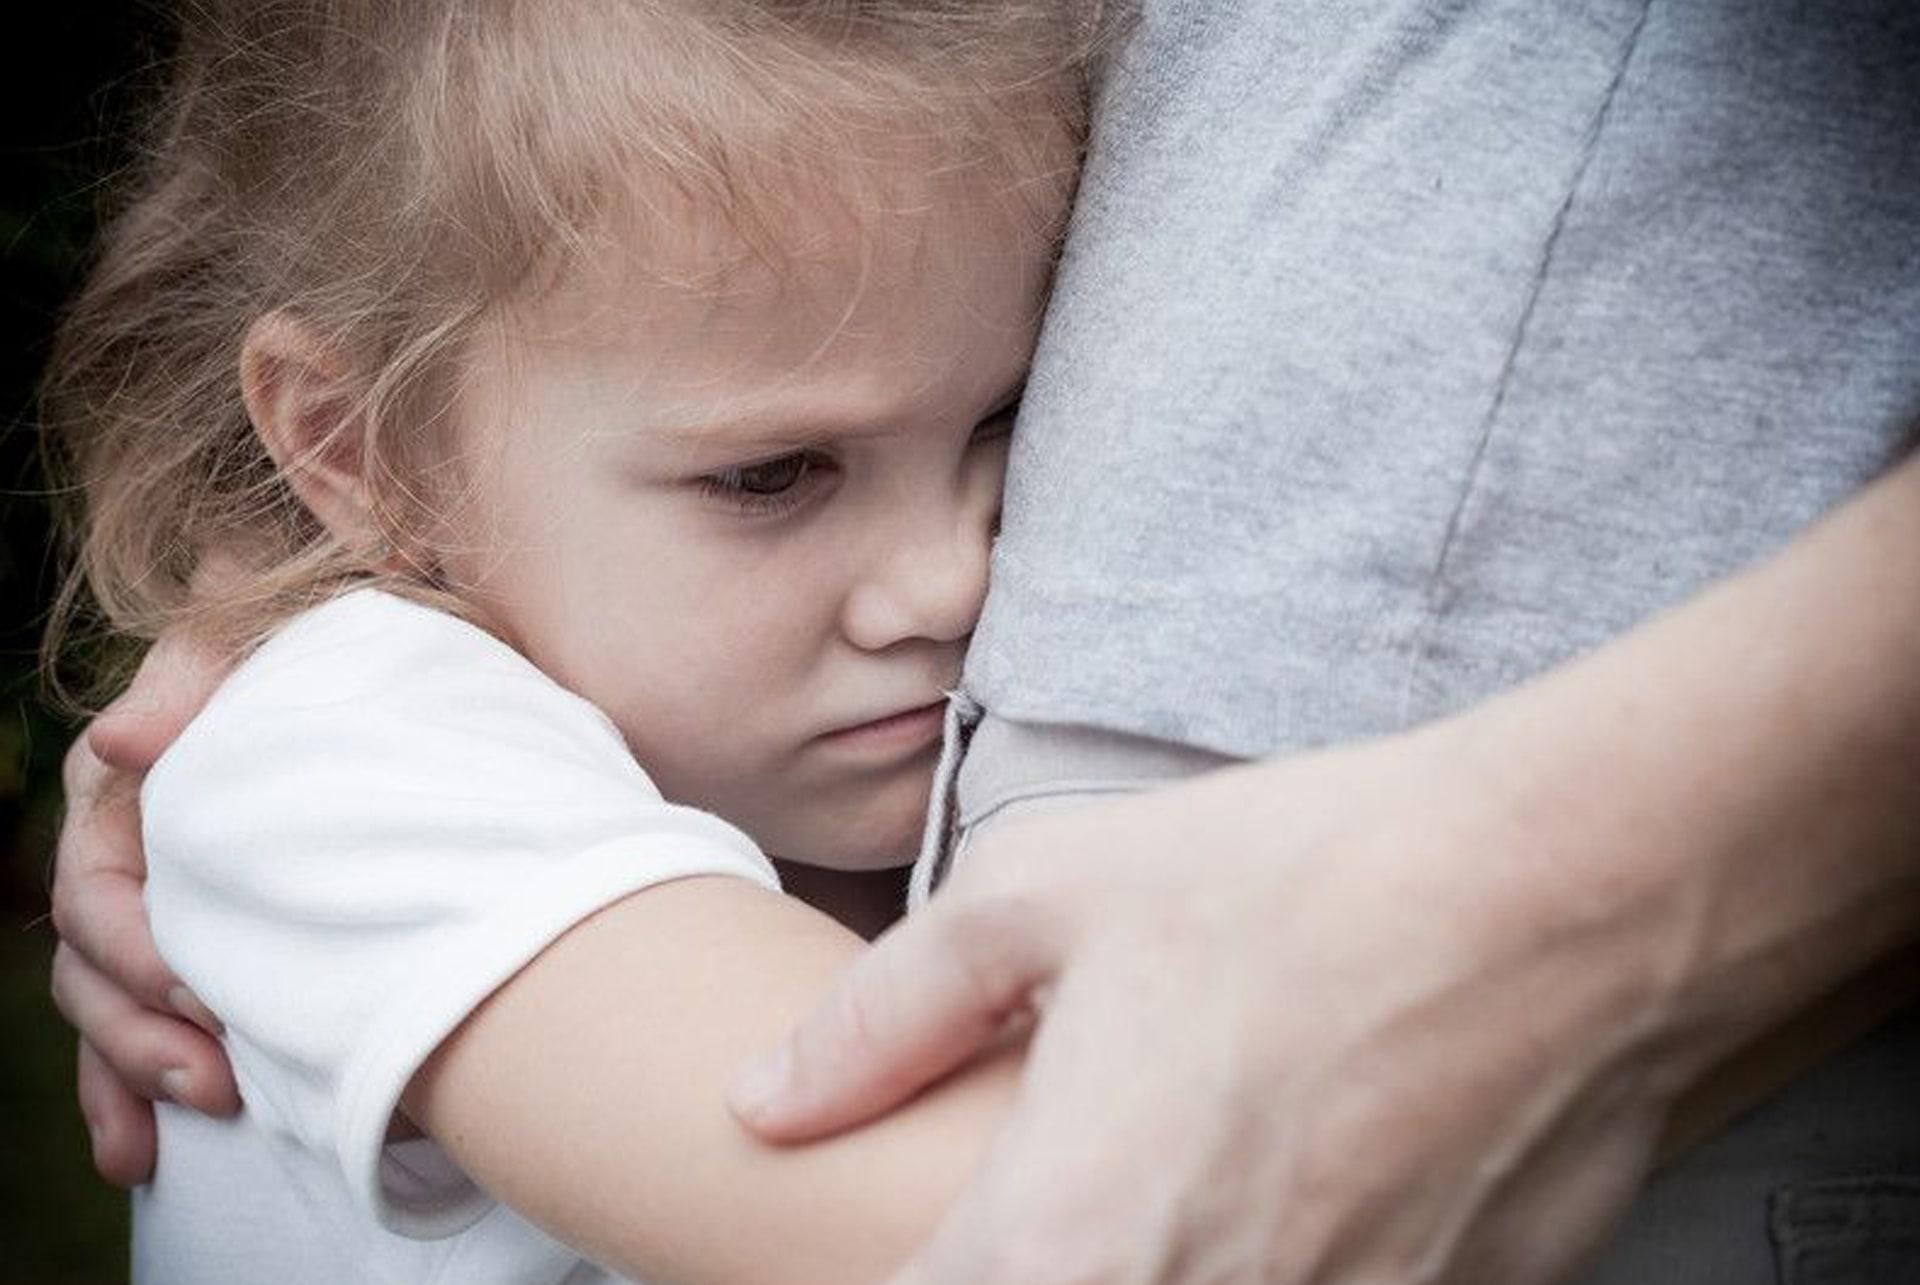 Niña menor abrazada a un progenitor